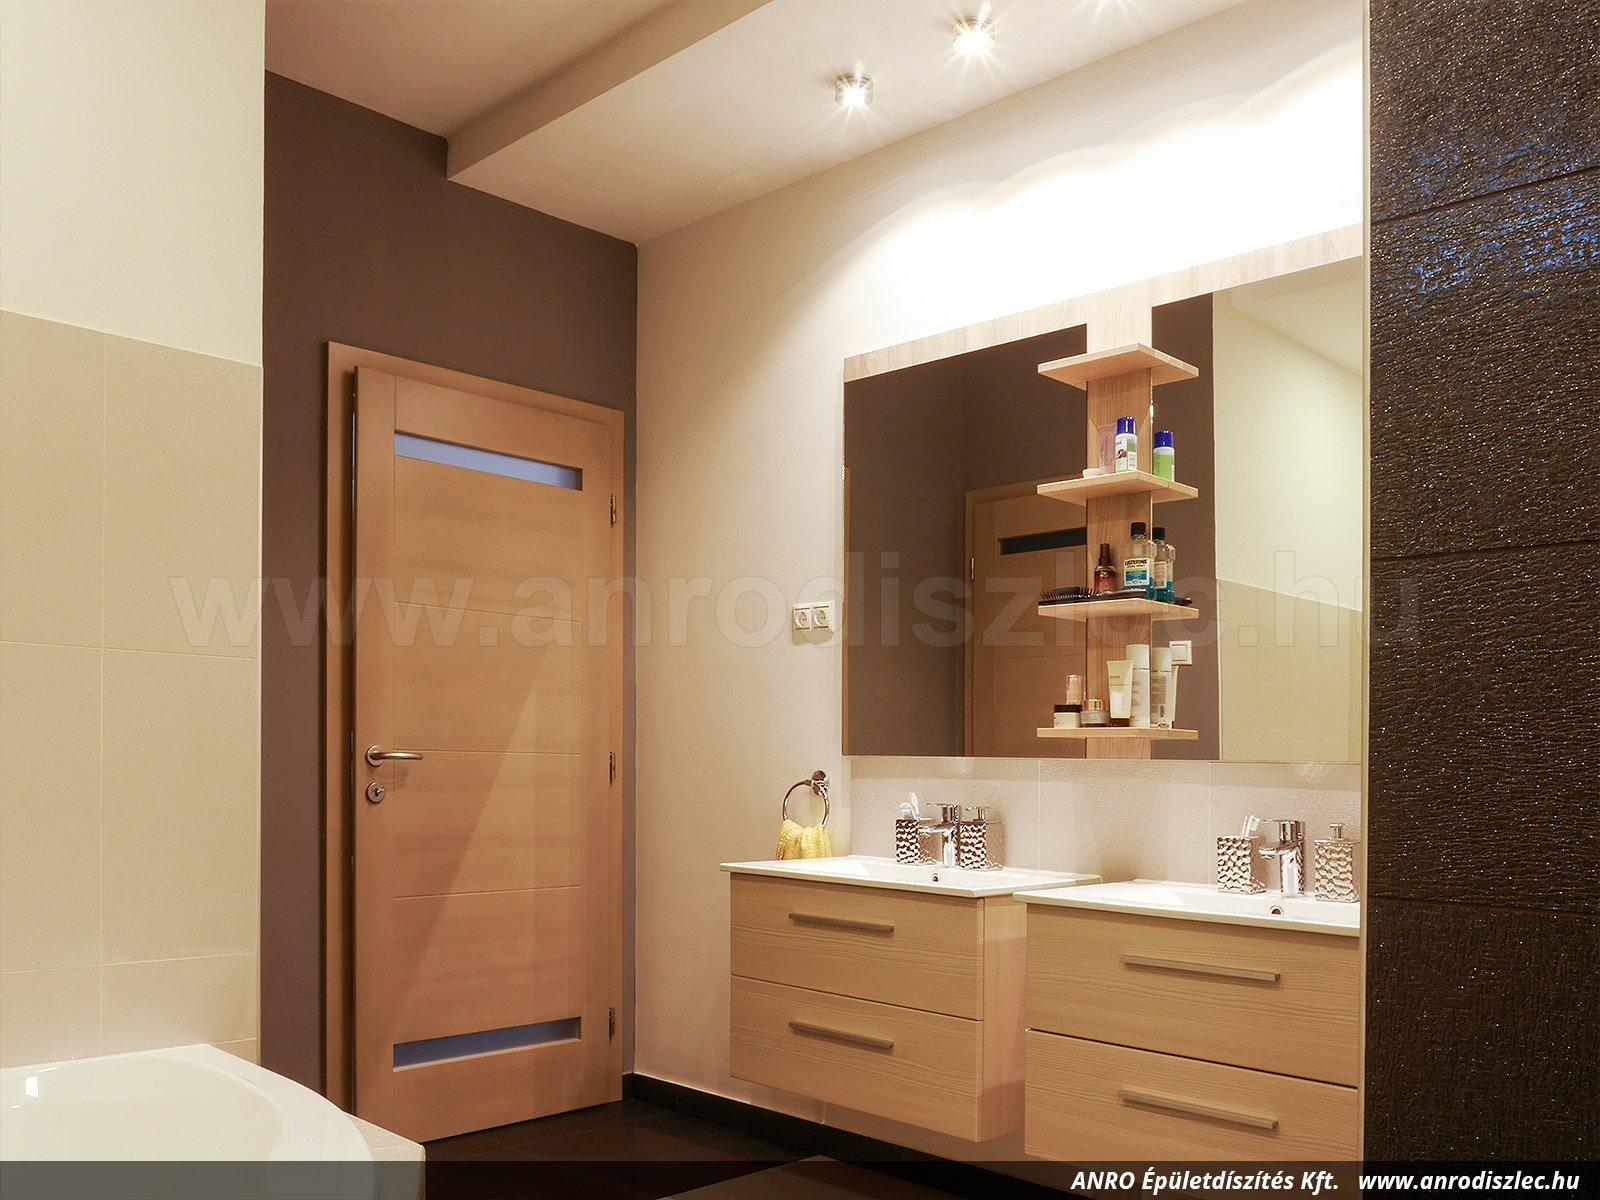 Fürdőszoba világítás a hatalmas tükrök fölött. Tükörből sohasem elég, és ez nem hiúság kérdése ...